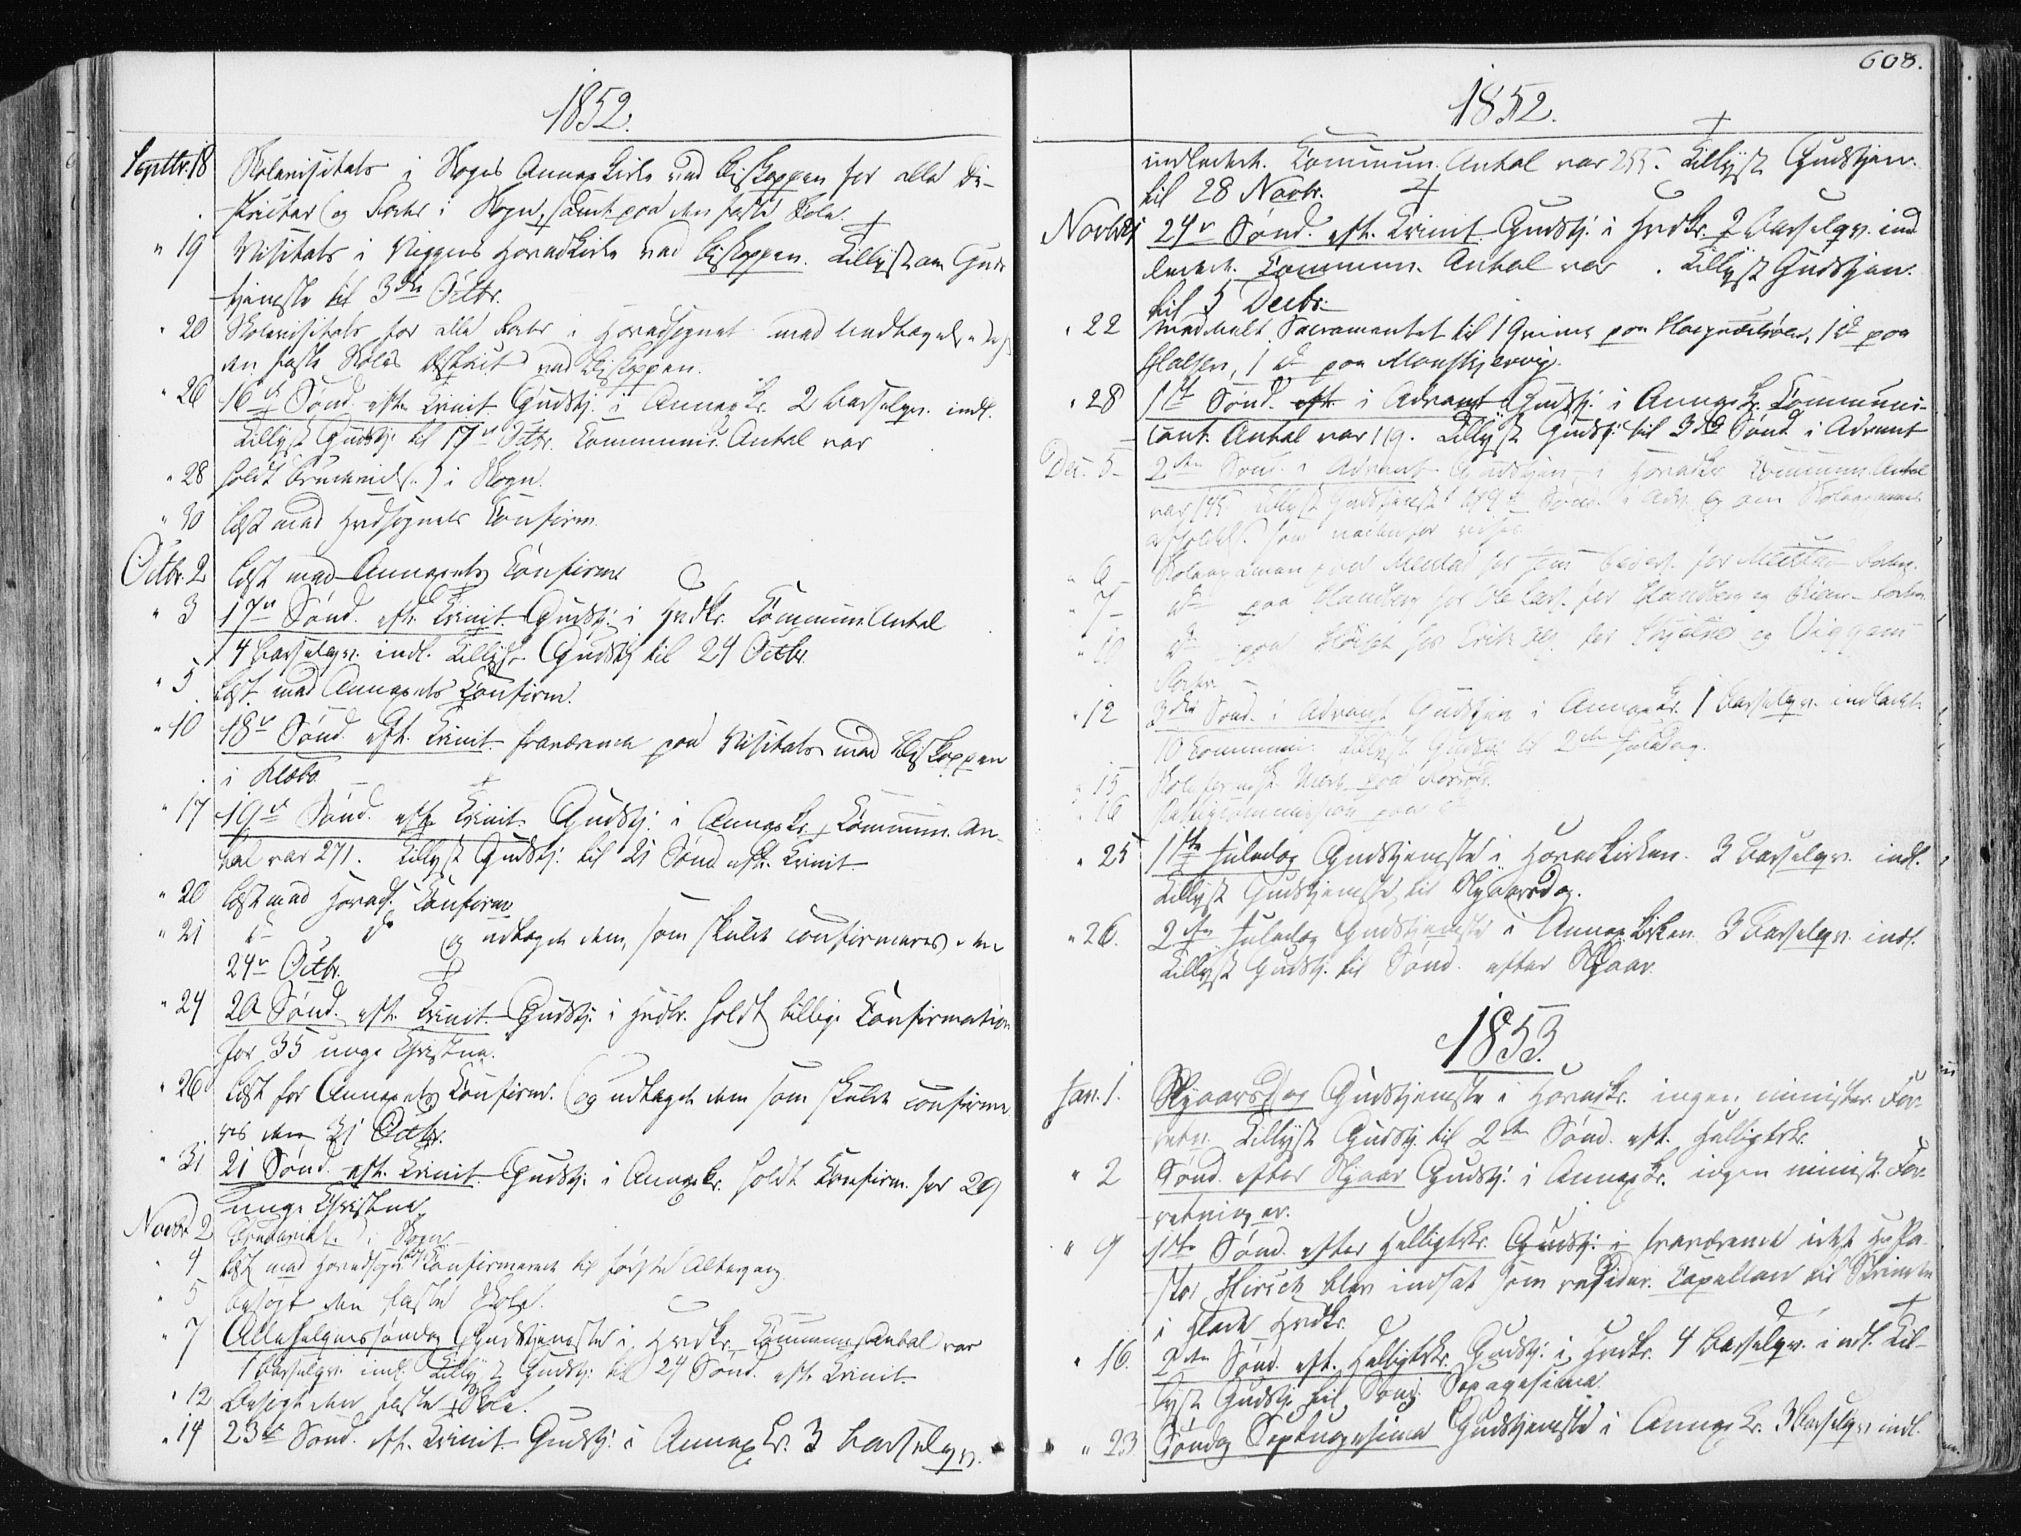 SAT, Ministerialprotokoller, klokkerbøker og fødselsregistre - Sør-Trøndelag, 665/L0771: Ministerialbok nr. 665A06, 1830-1856, s. 608